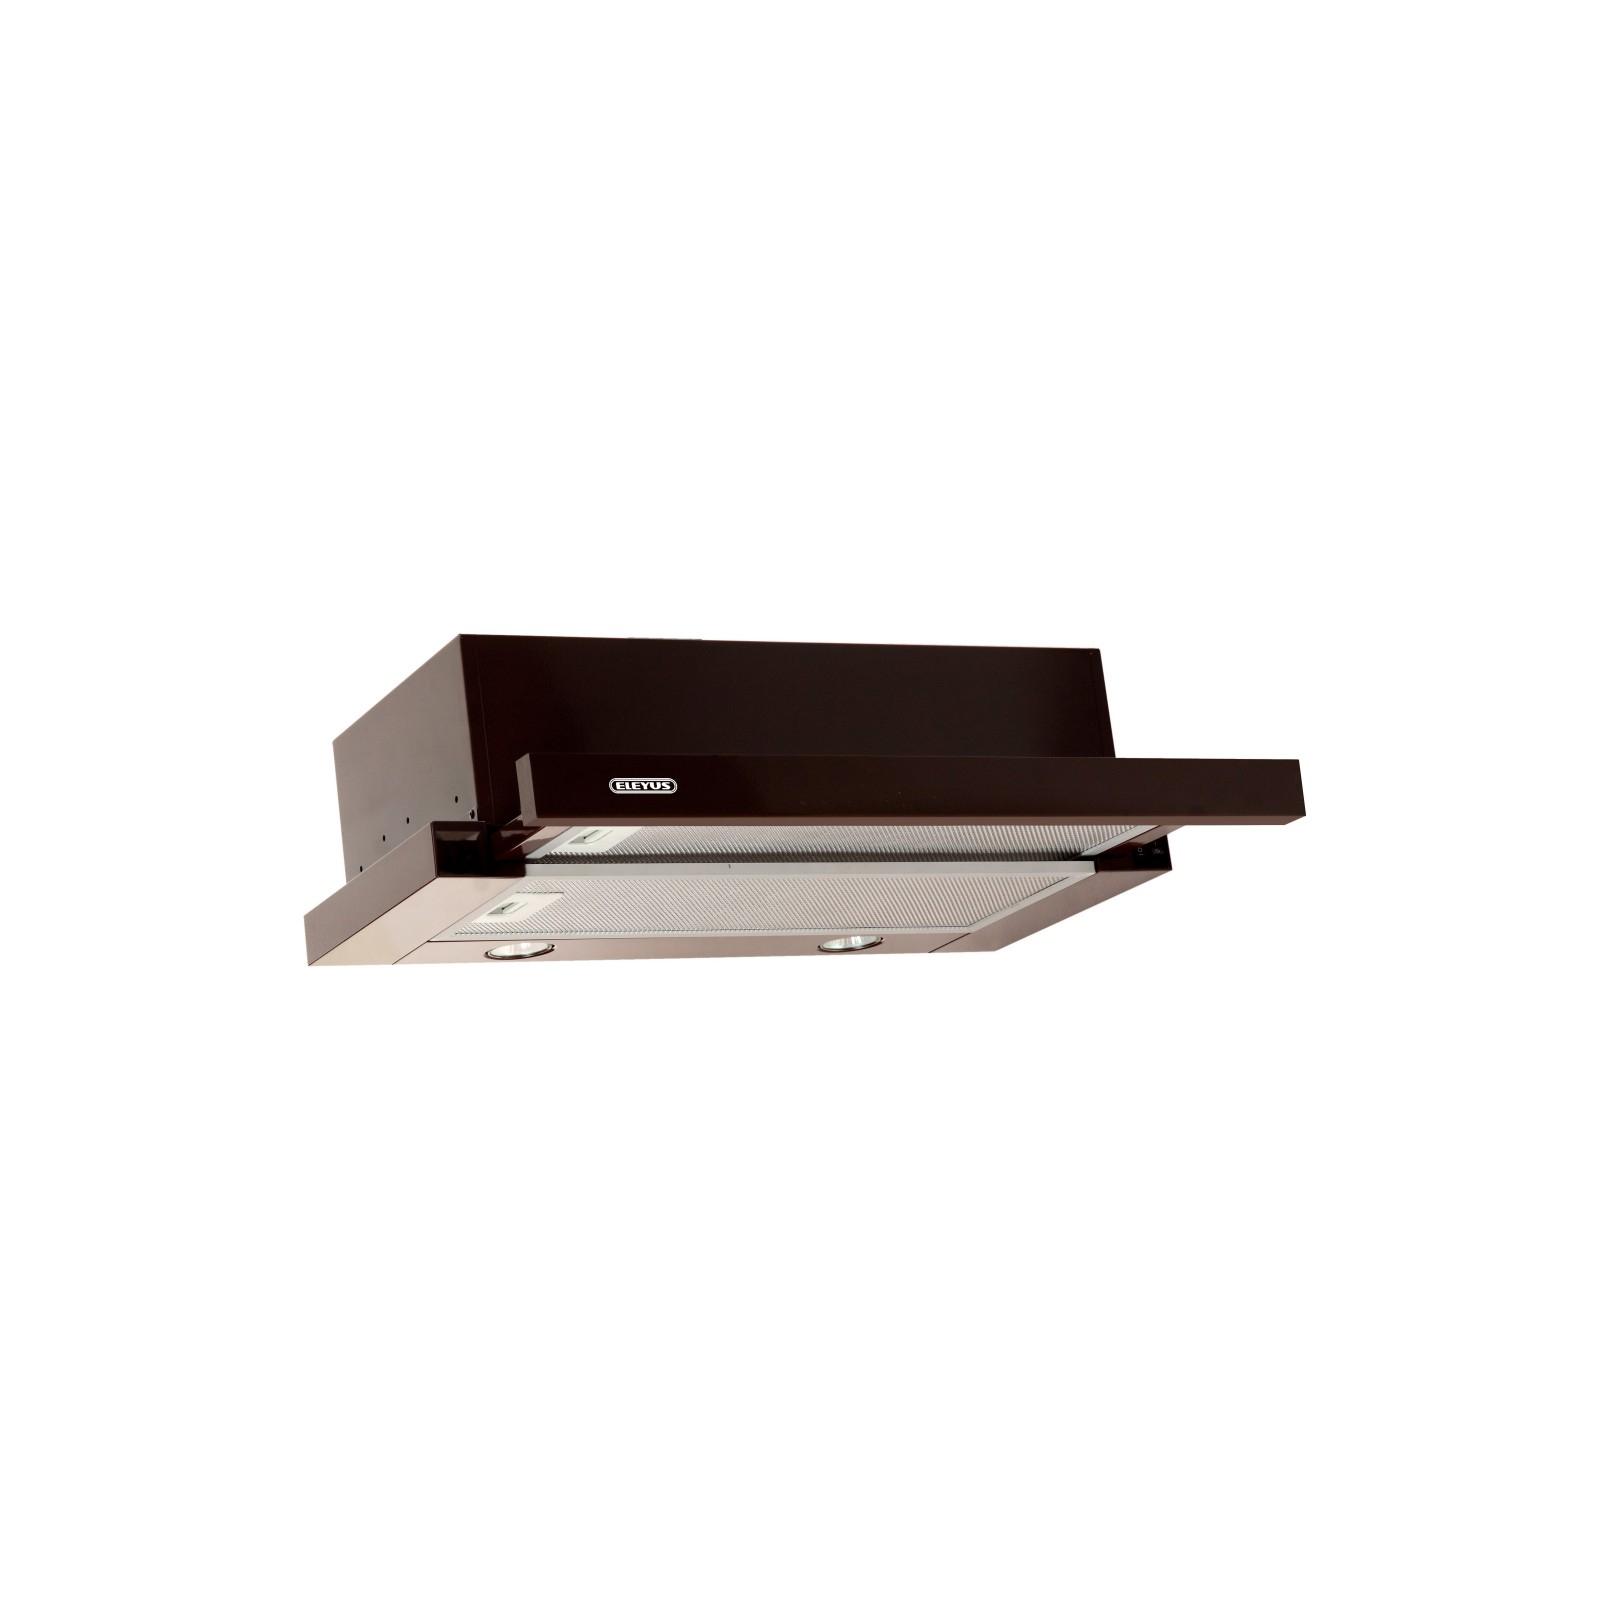 Вытяжка кухонная Eleyus Cyclon 700 50 IS+GR изображение 2